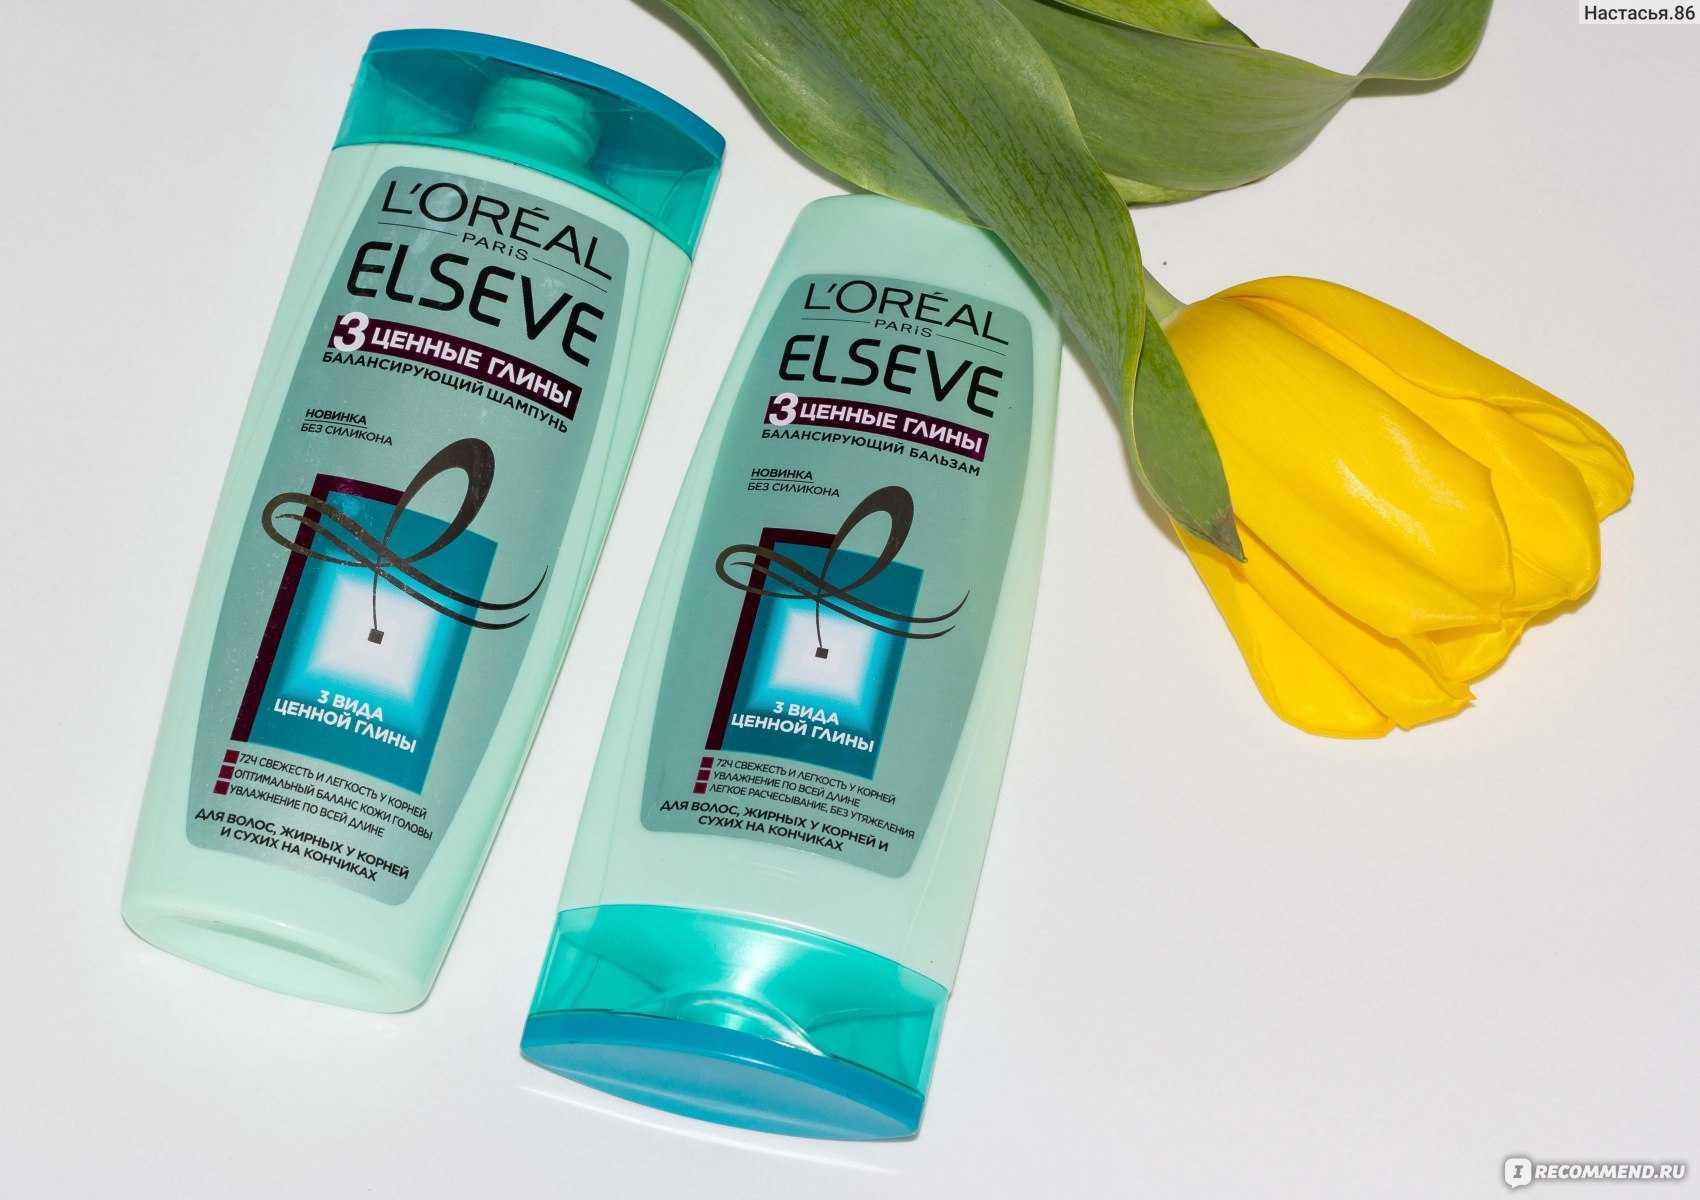 Как выбрать шампунь для волос + рейтинг лучших производителей